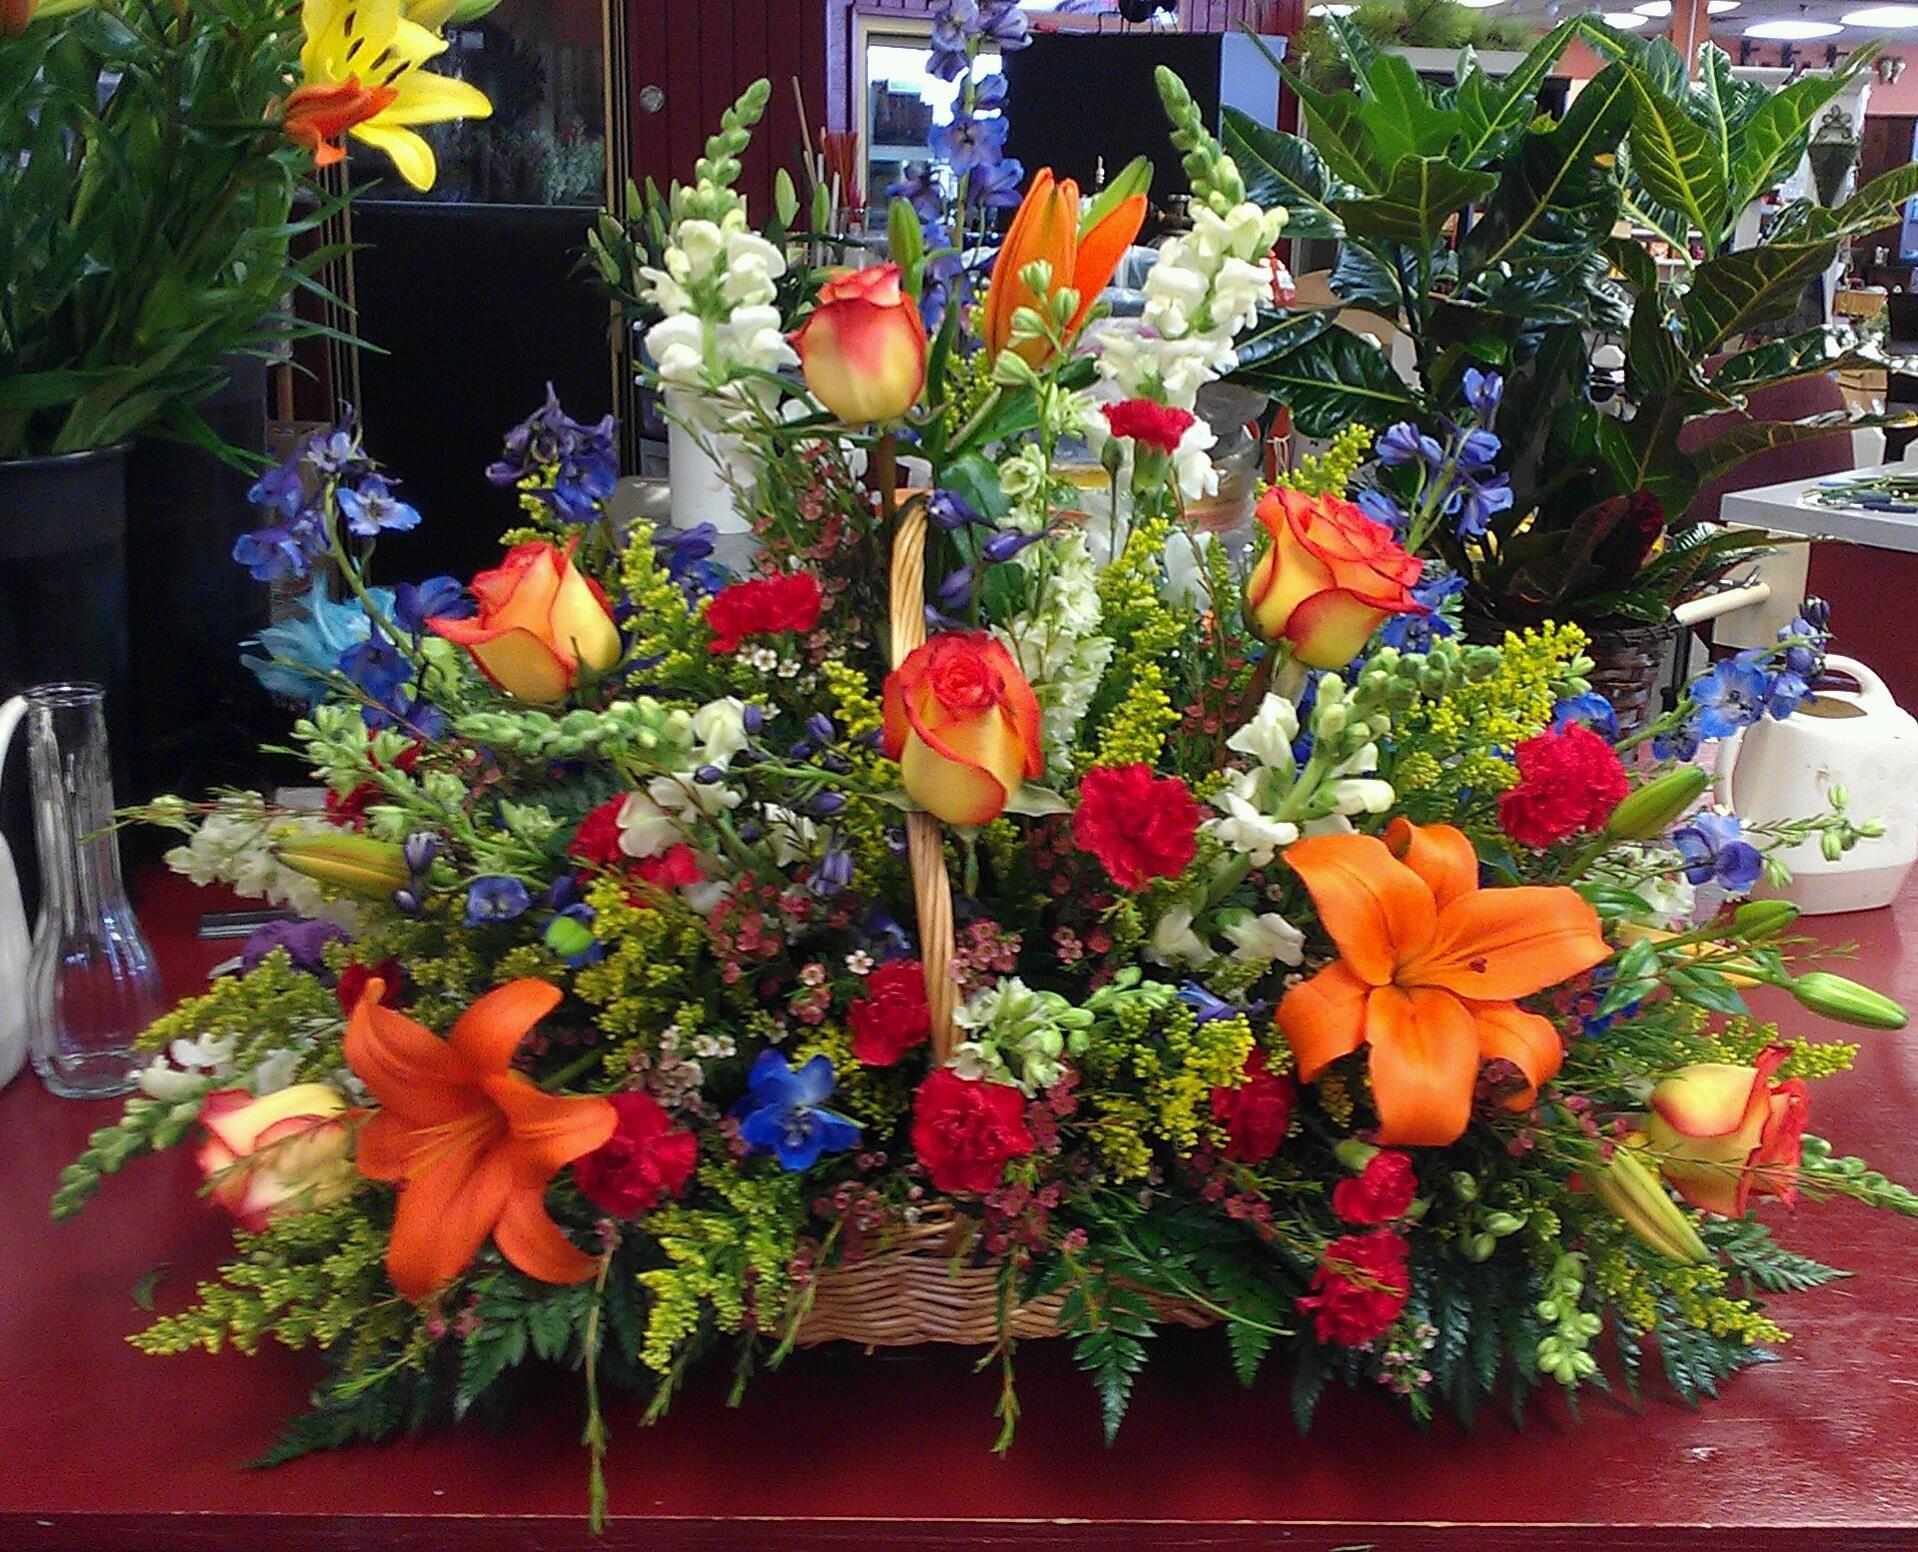 Funeral Basket Basket Flower Arrangements Funeral Flower Arrangements Funeral Floral Arrangements